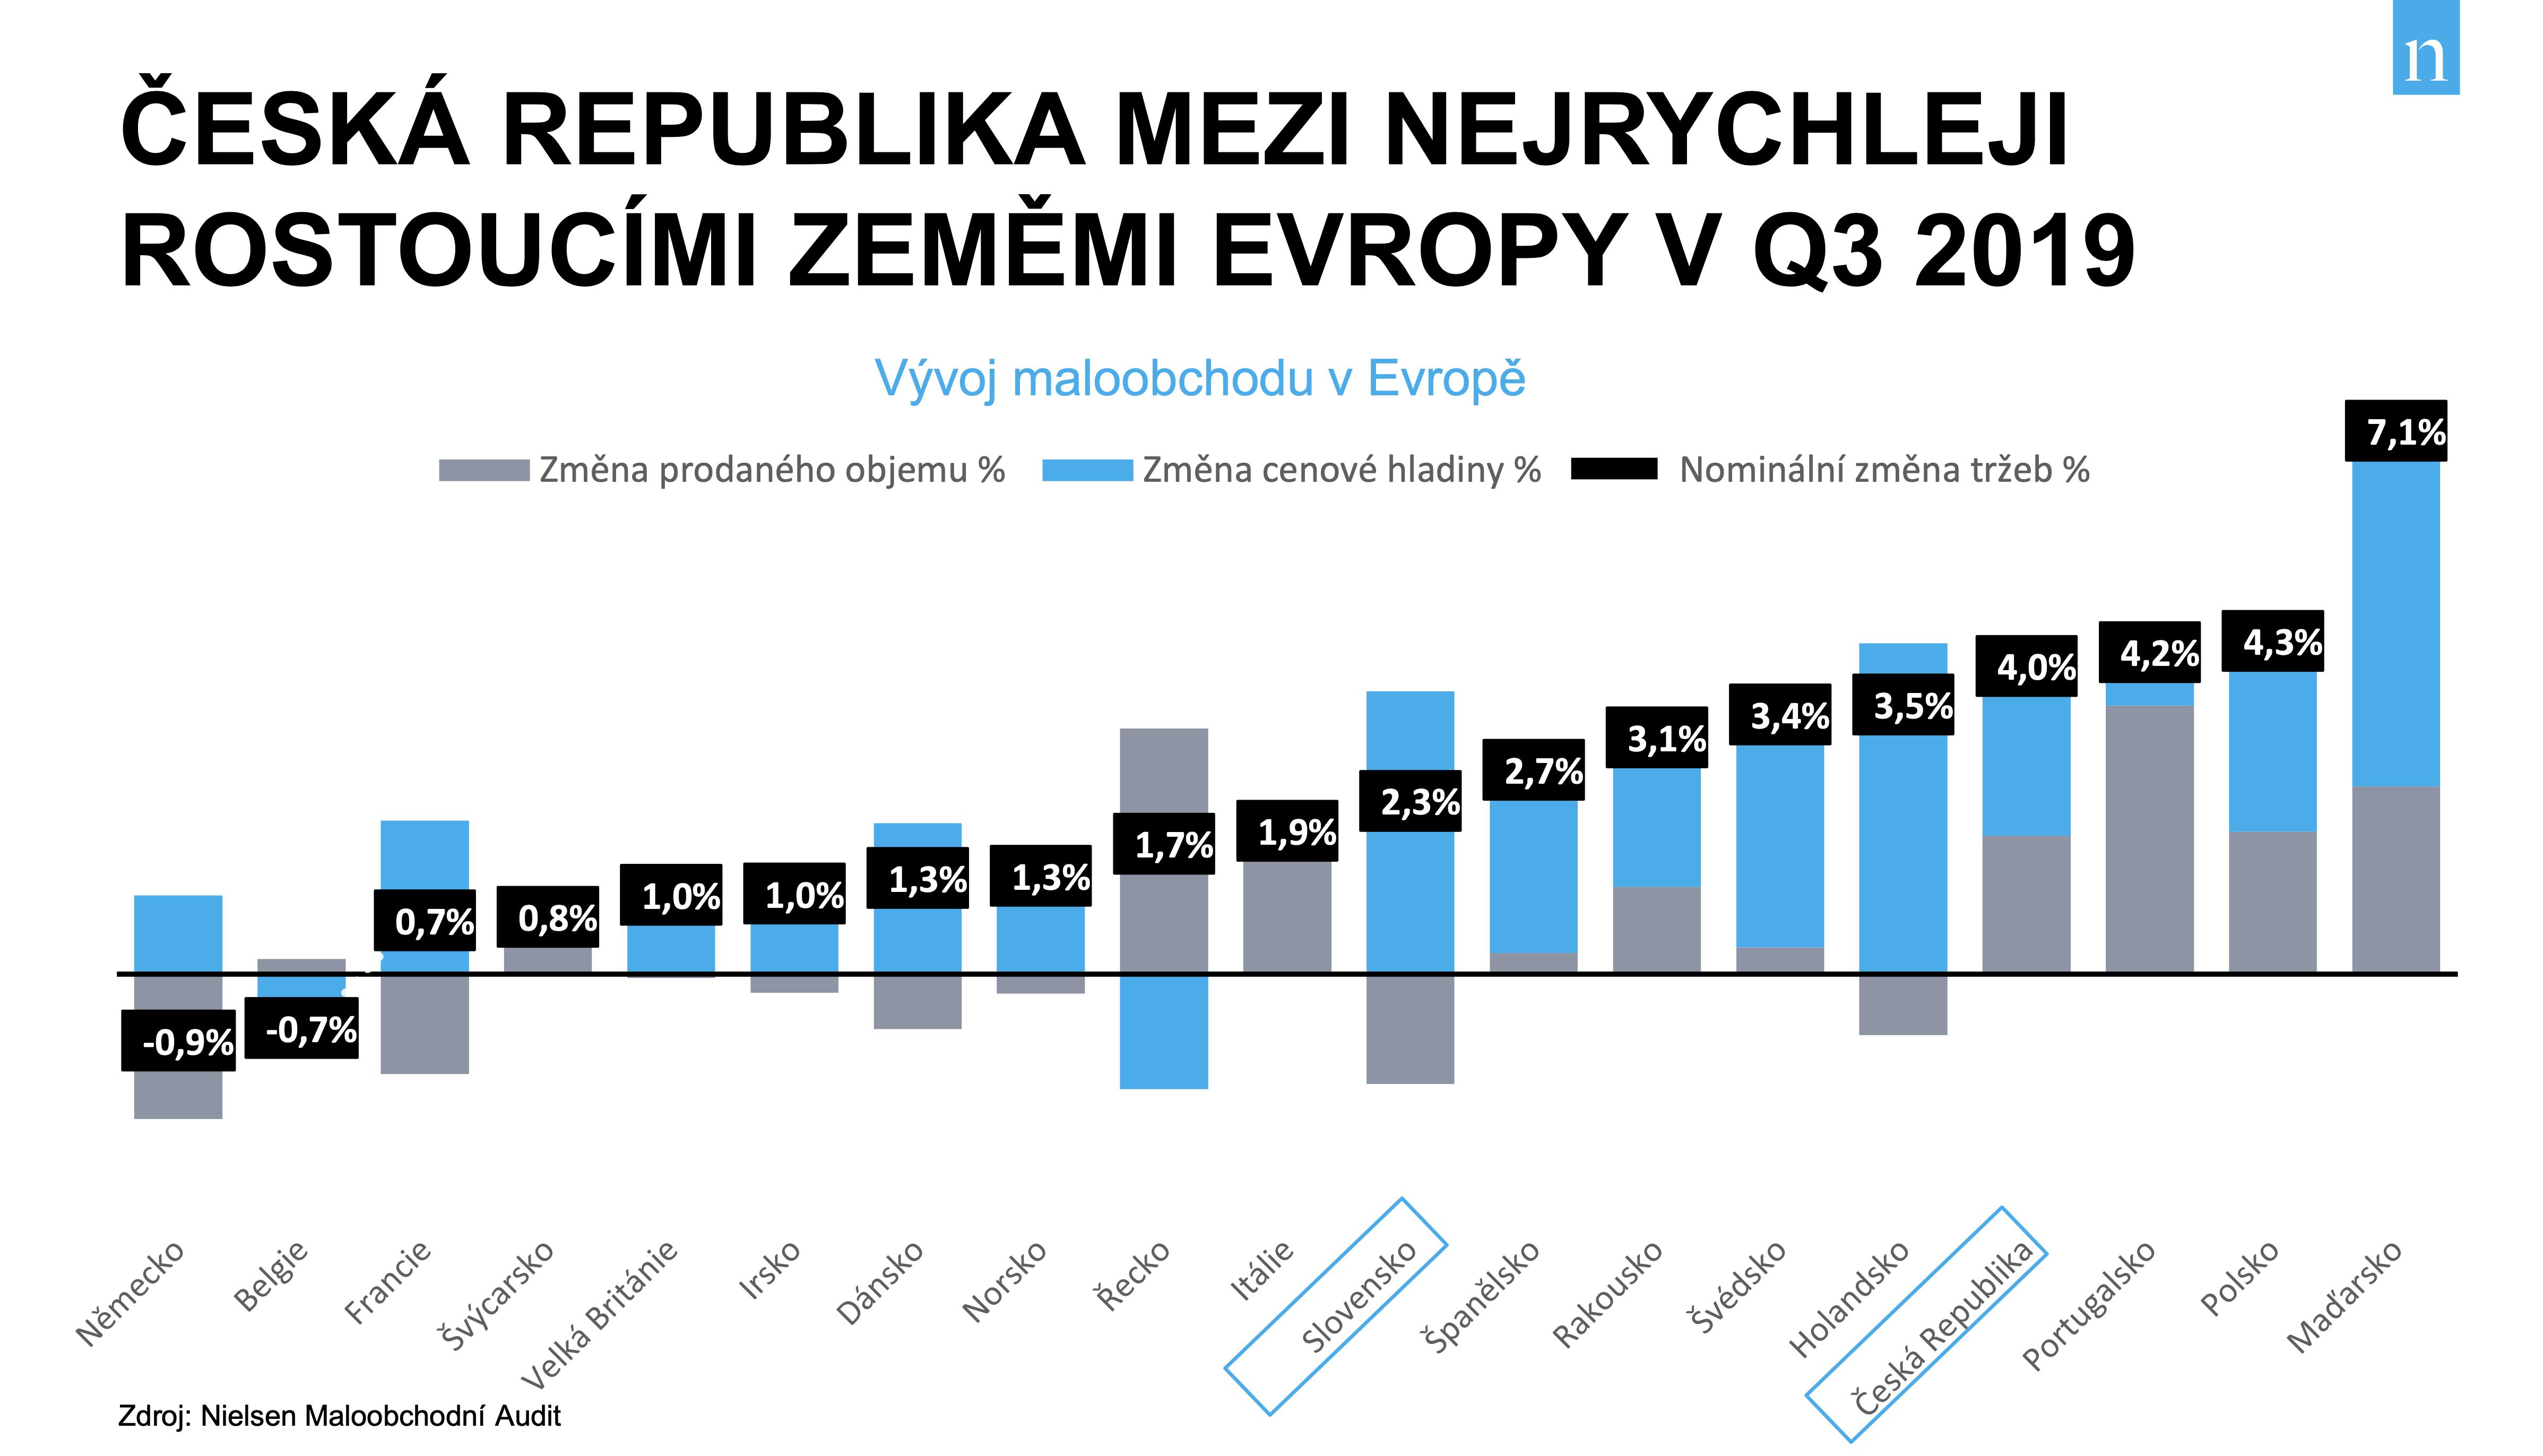 Vývoj maloobchodu v Evropě. Zdroj: Nielsen